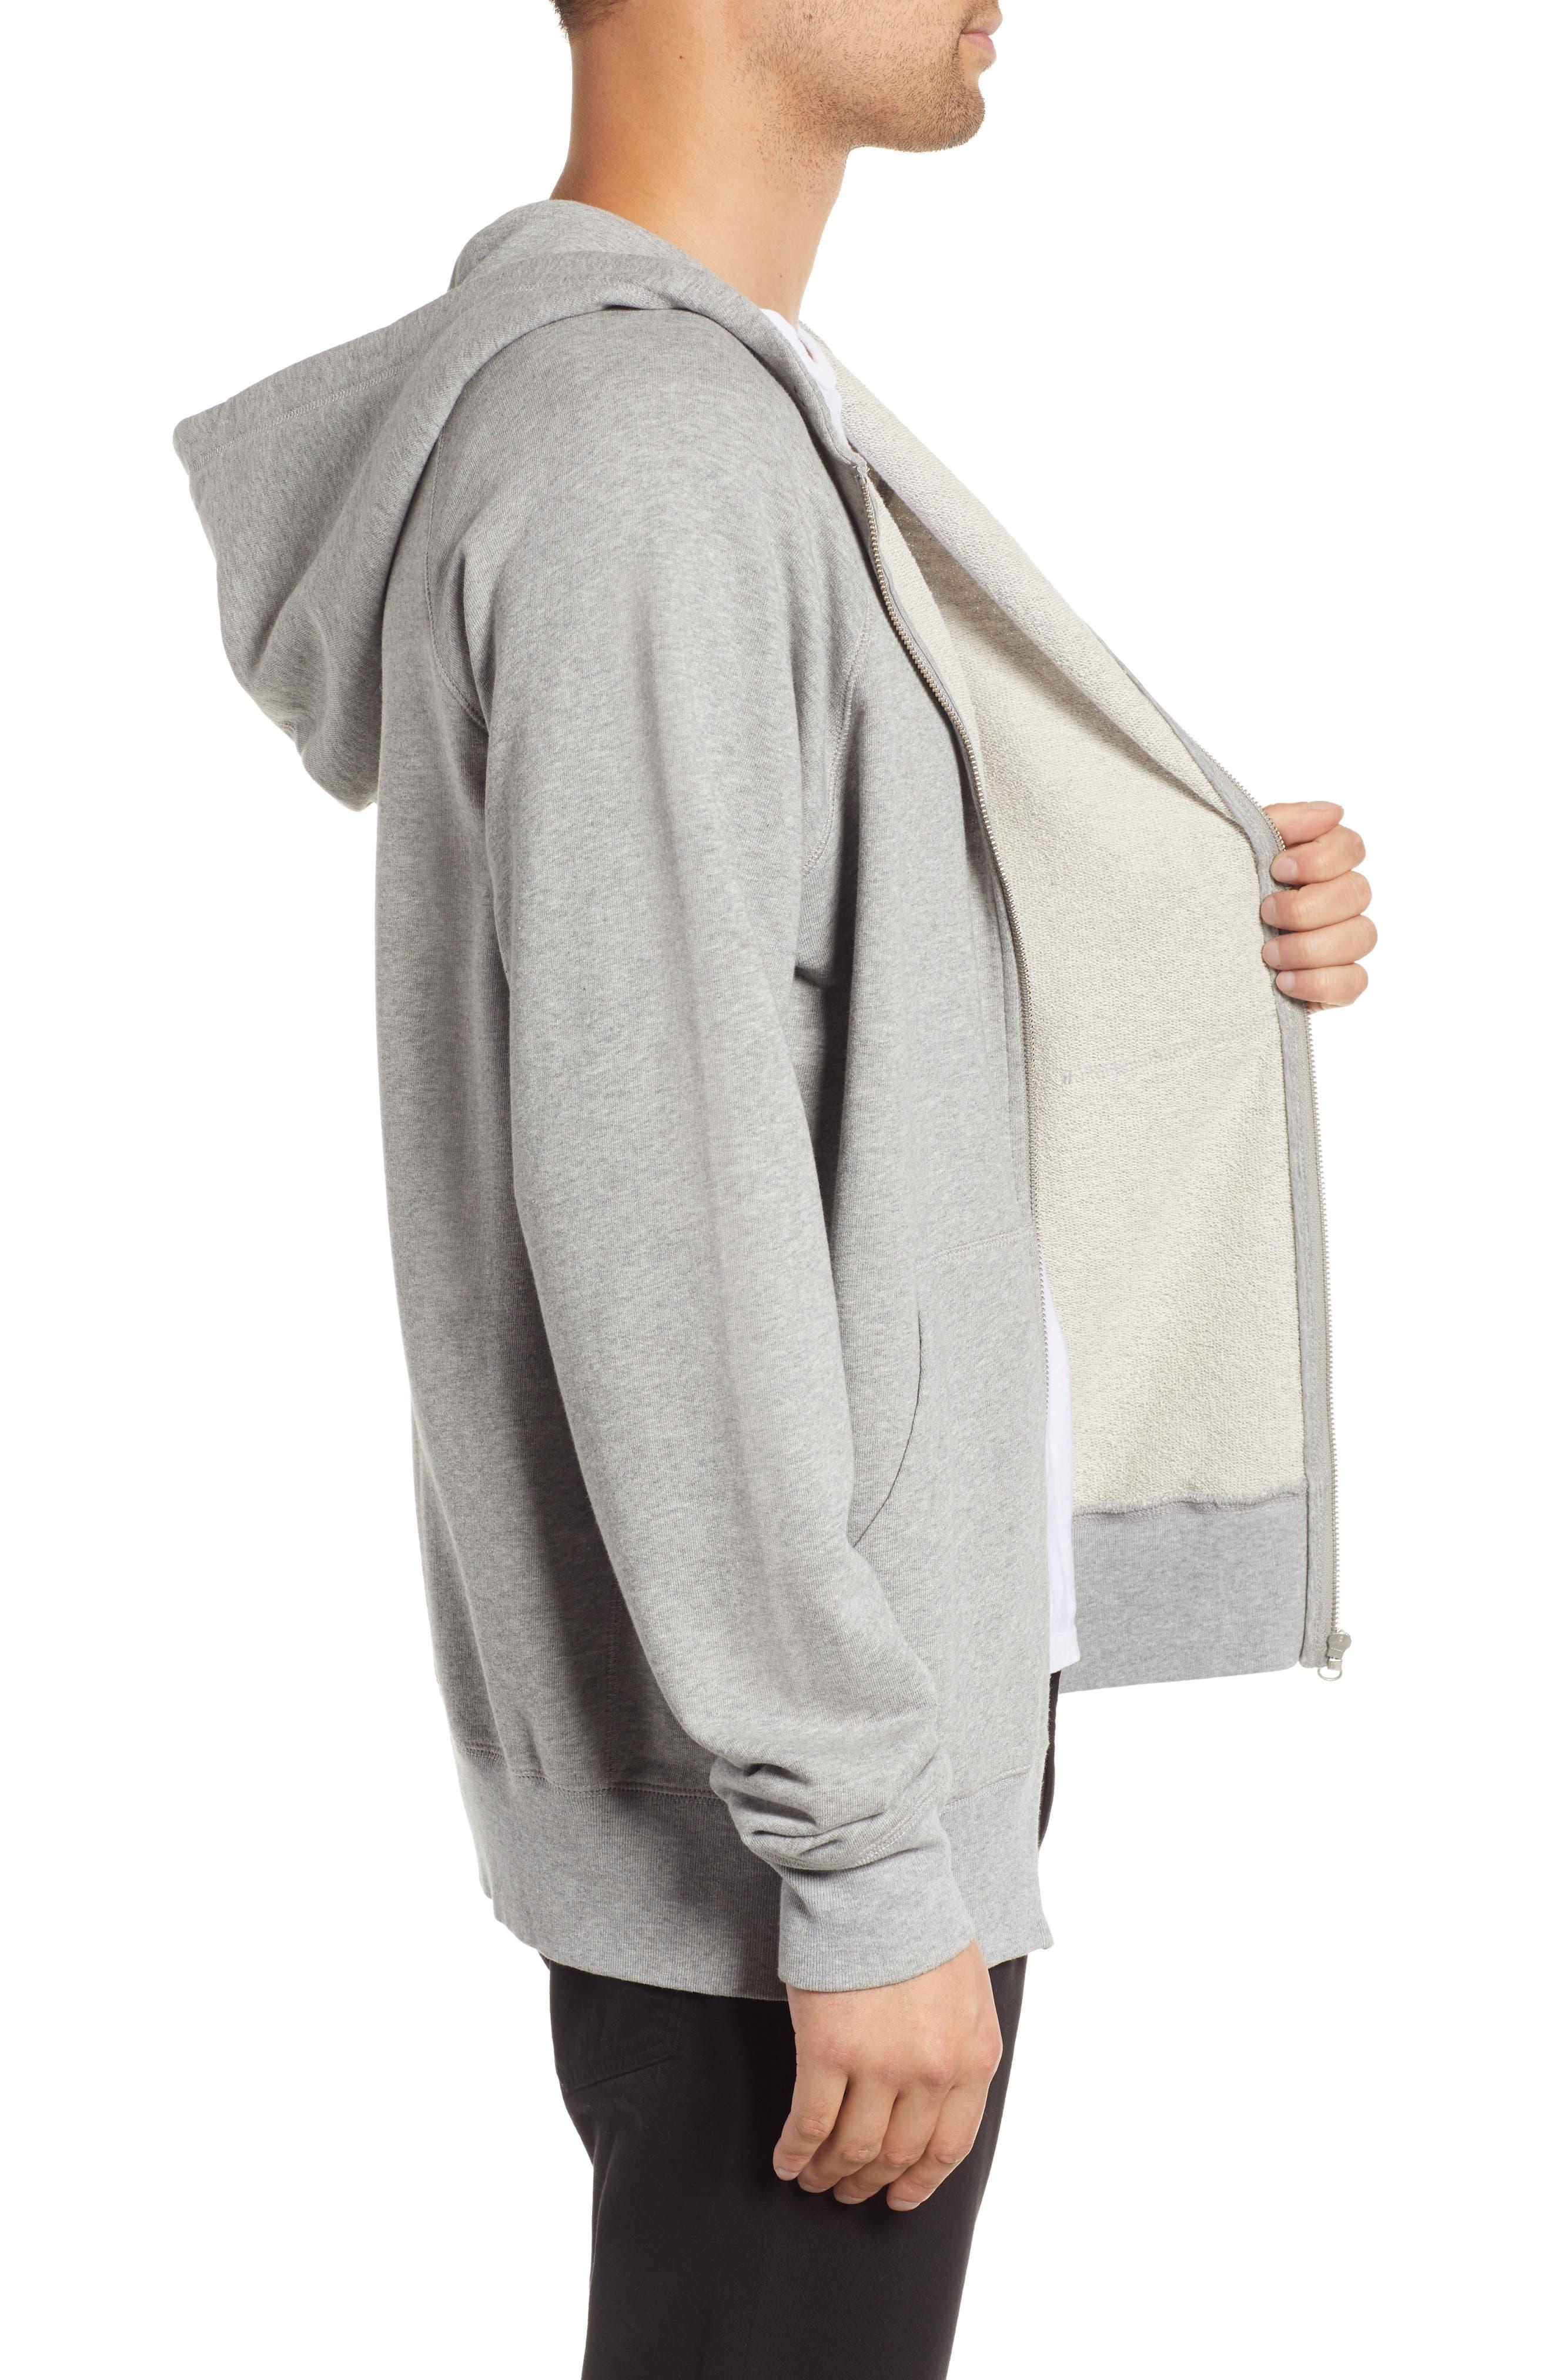 Pause Hooded Zip Sweatshirt,                             Alternate thumbnail 3, color,                             GREY MELANGE